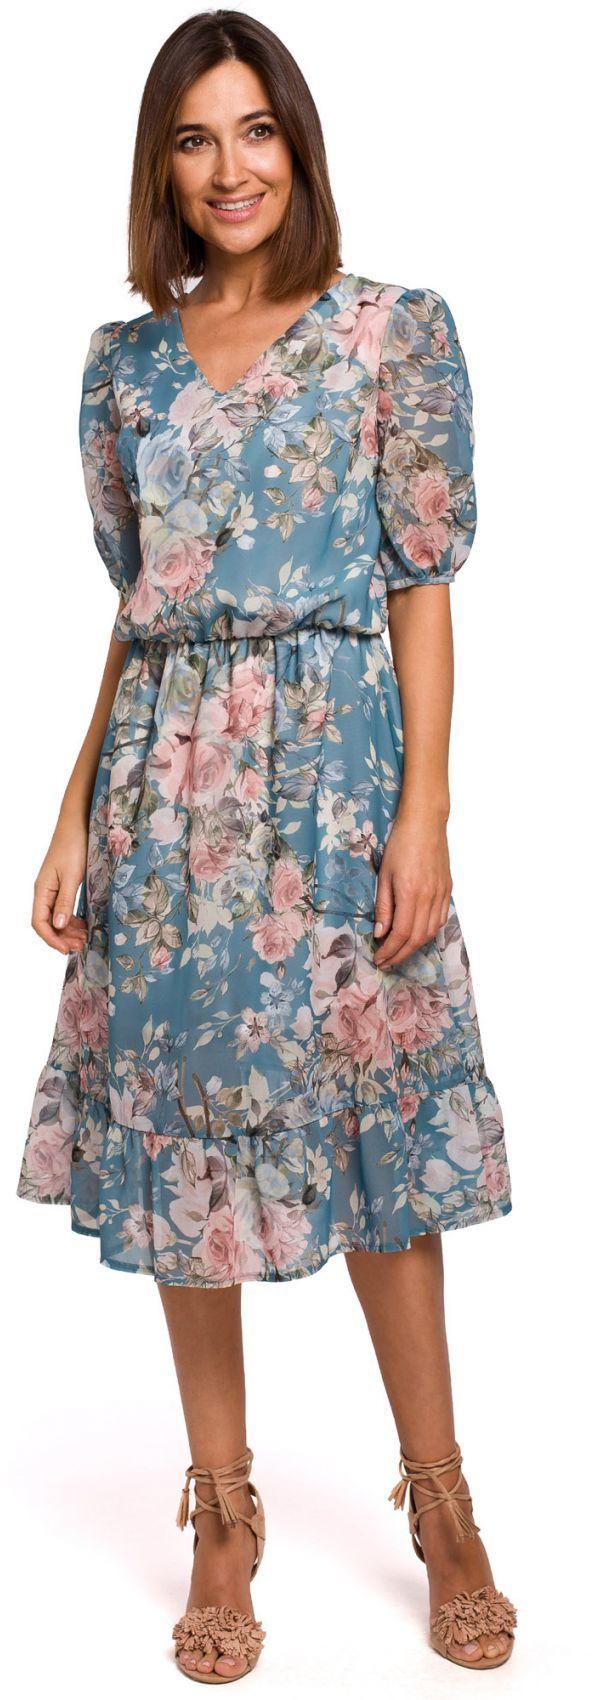 S215 Sukienka szyfonowa z falbaną - model 4